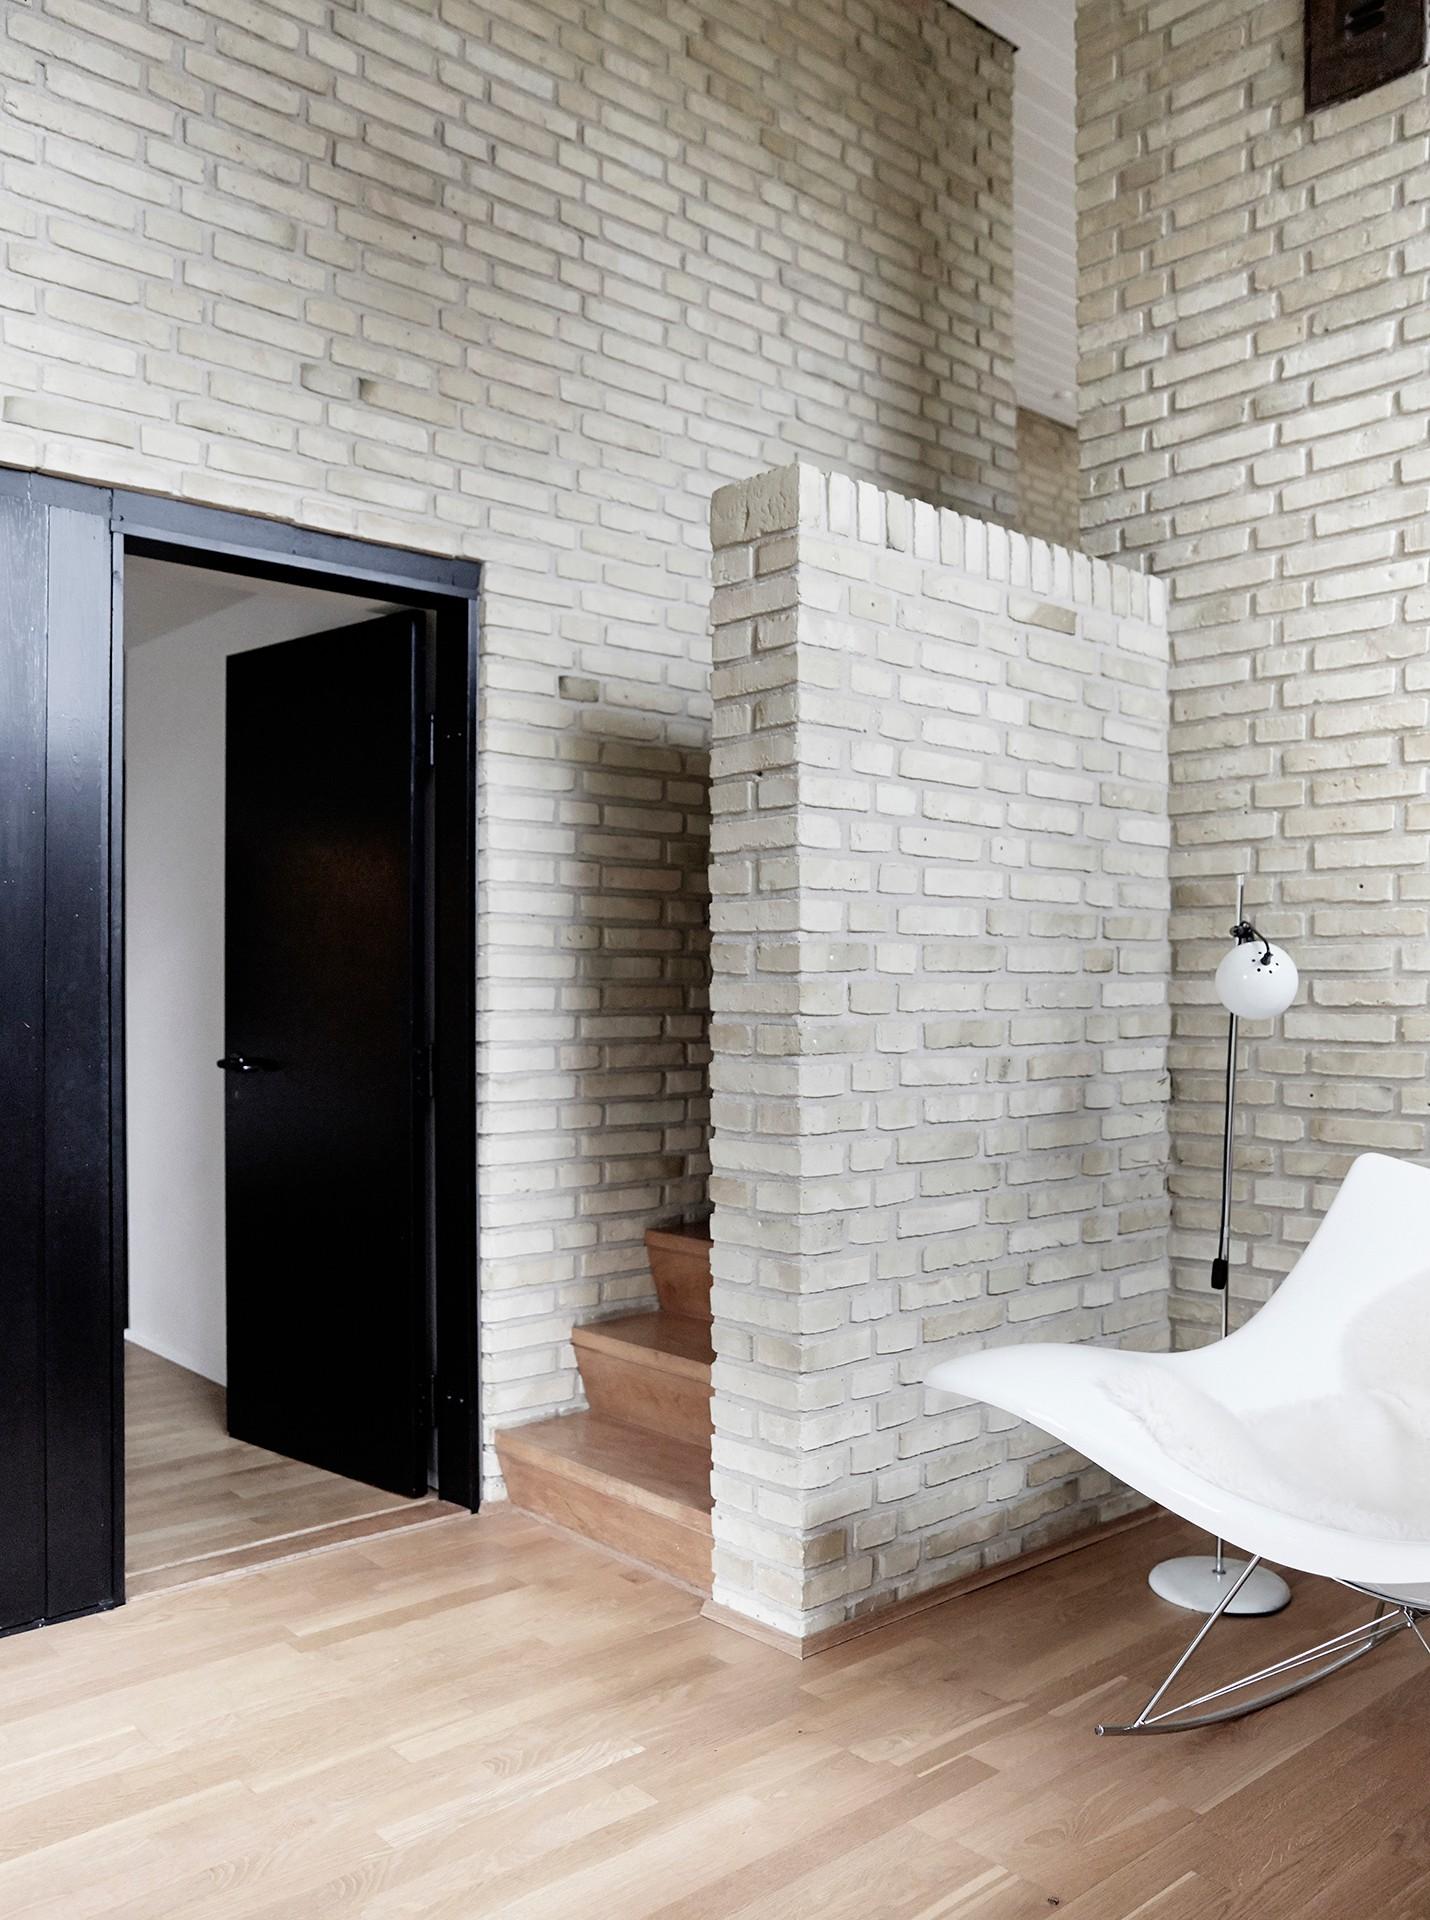 sofie-ladefoged-interior-villa-ladefoged-21.jpg